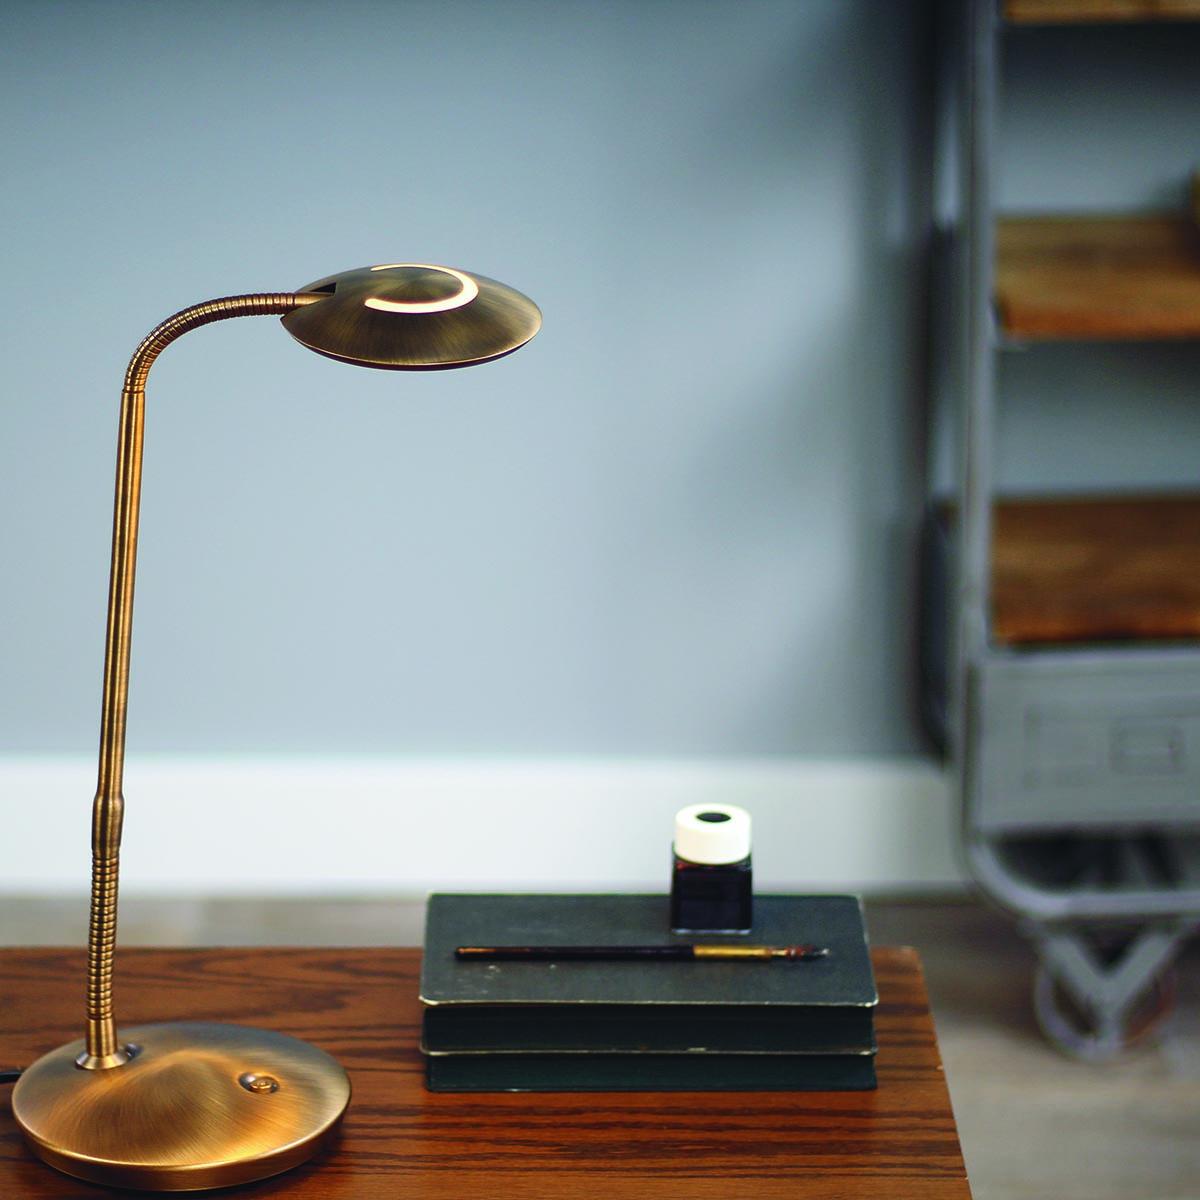 Klassieke bureaulamp, klassieke leeslamp van Steinhauer, bij Webo Verlichting in Beuningen bij Nijmegen.